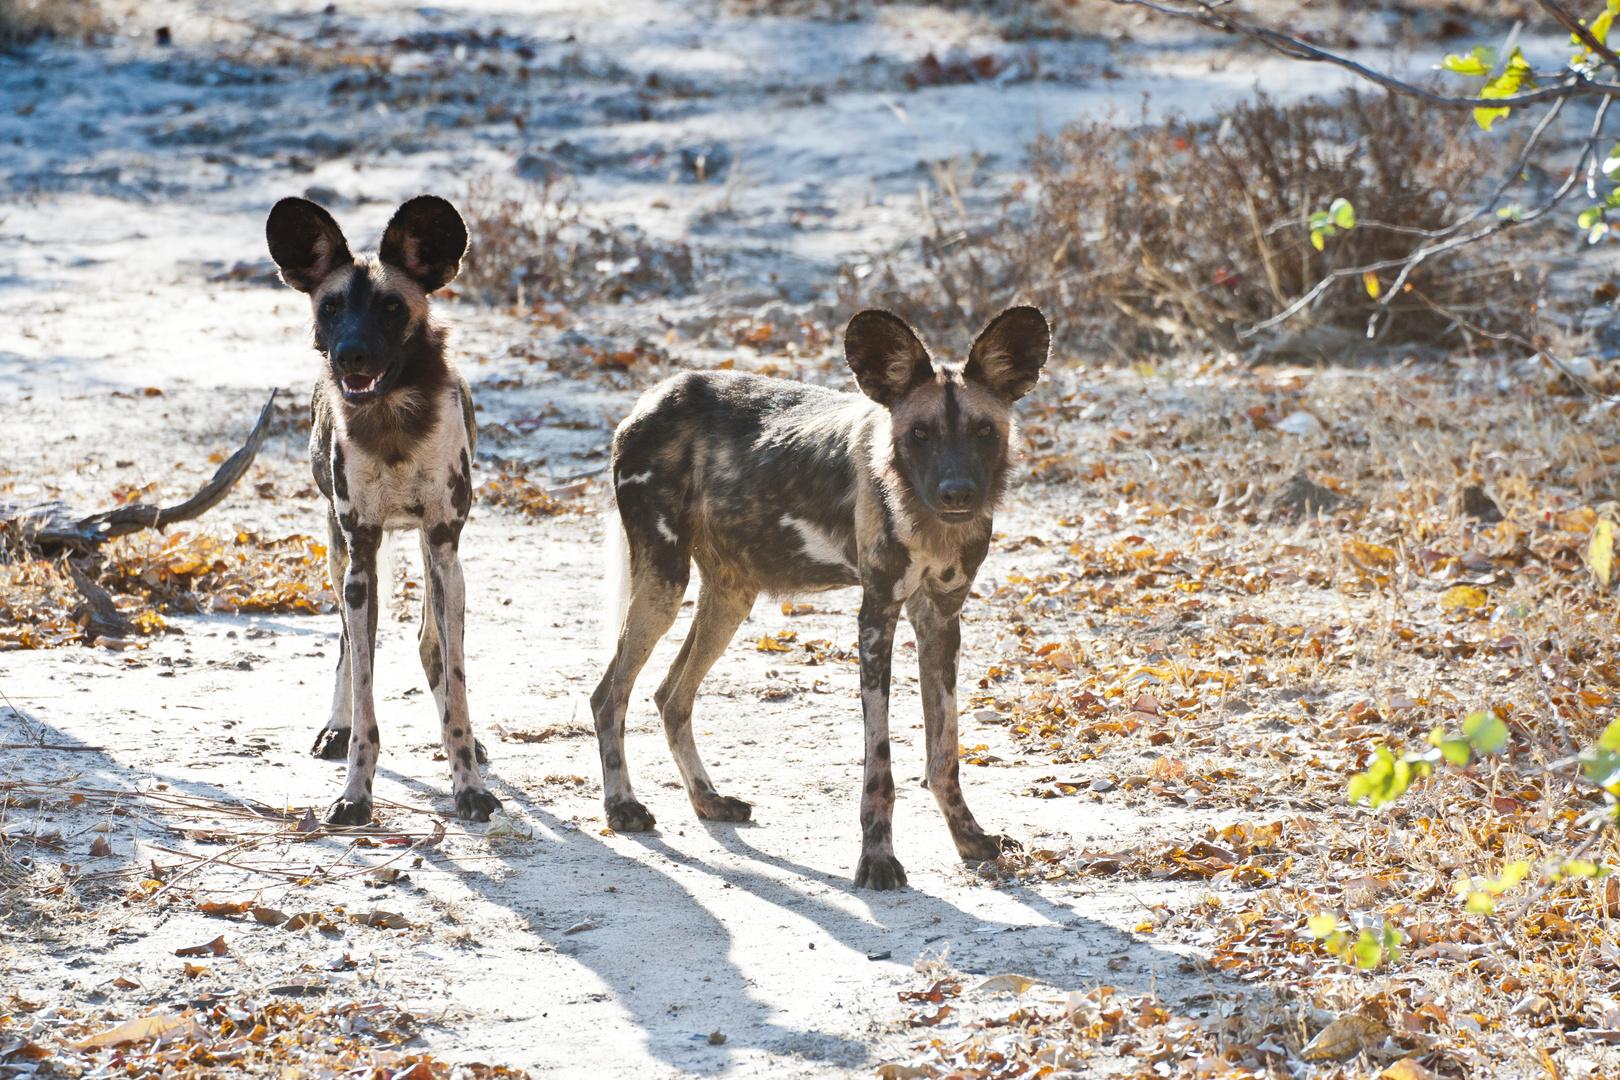 Afrikanischer Wildhunde / North Luangwa NP / Sambia / 06.2013